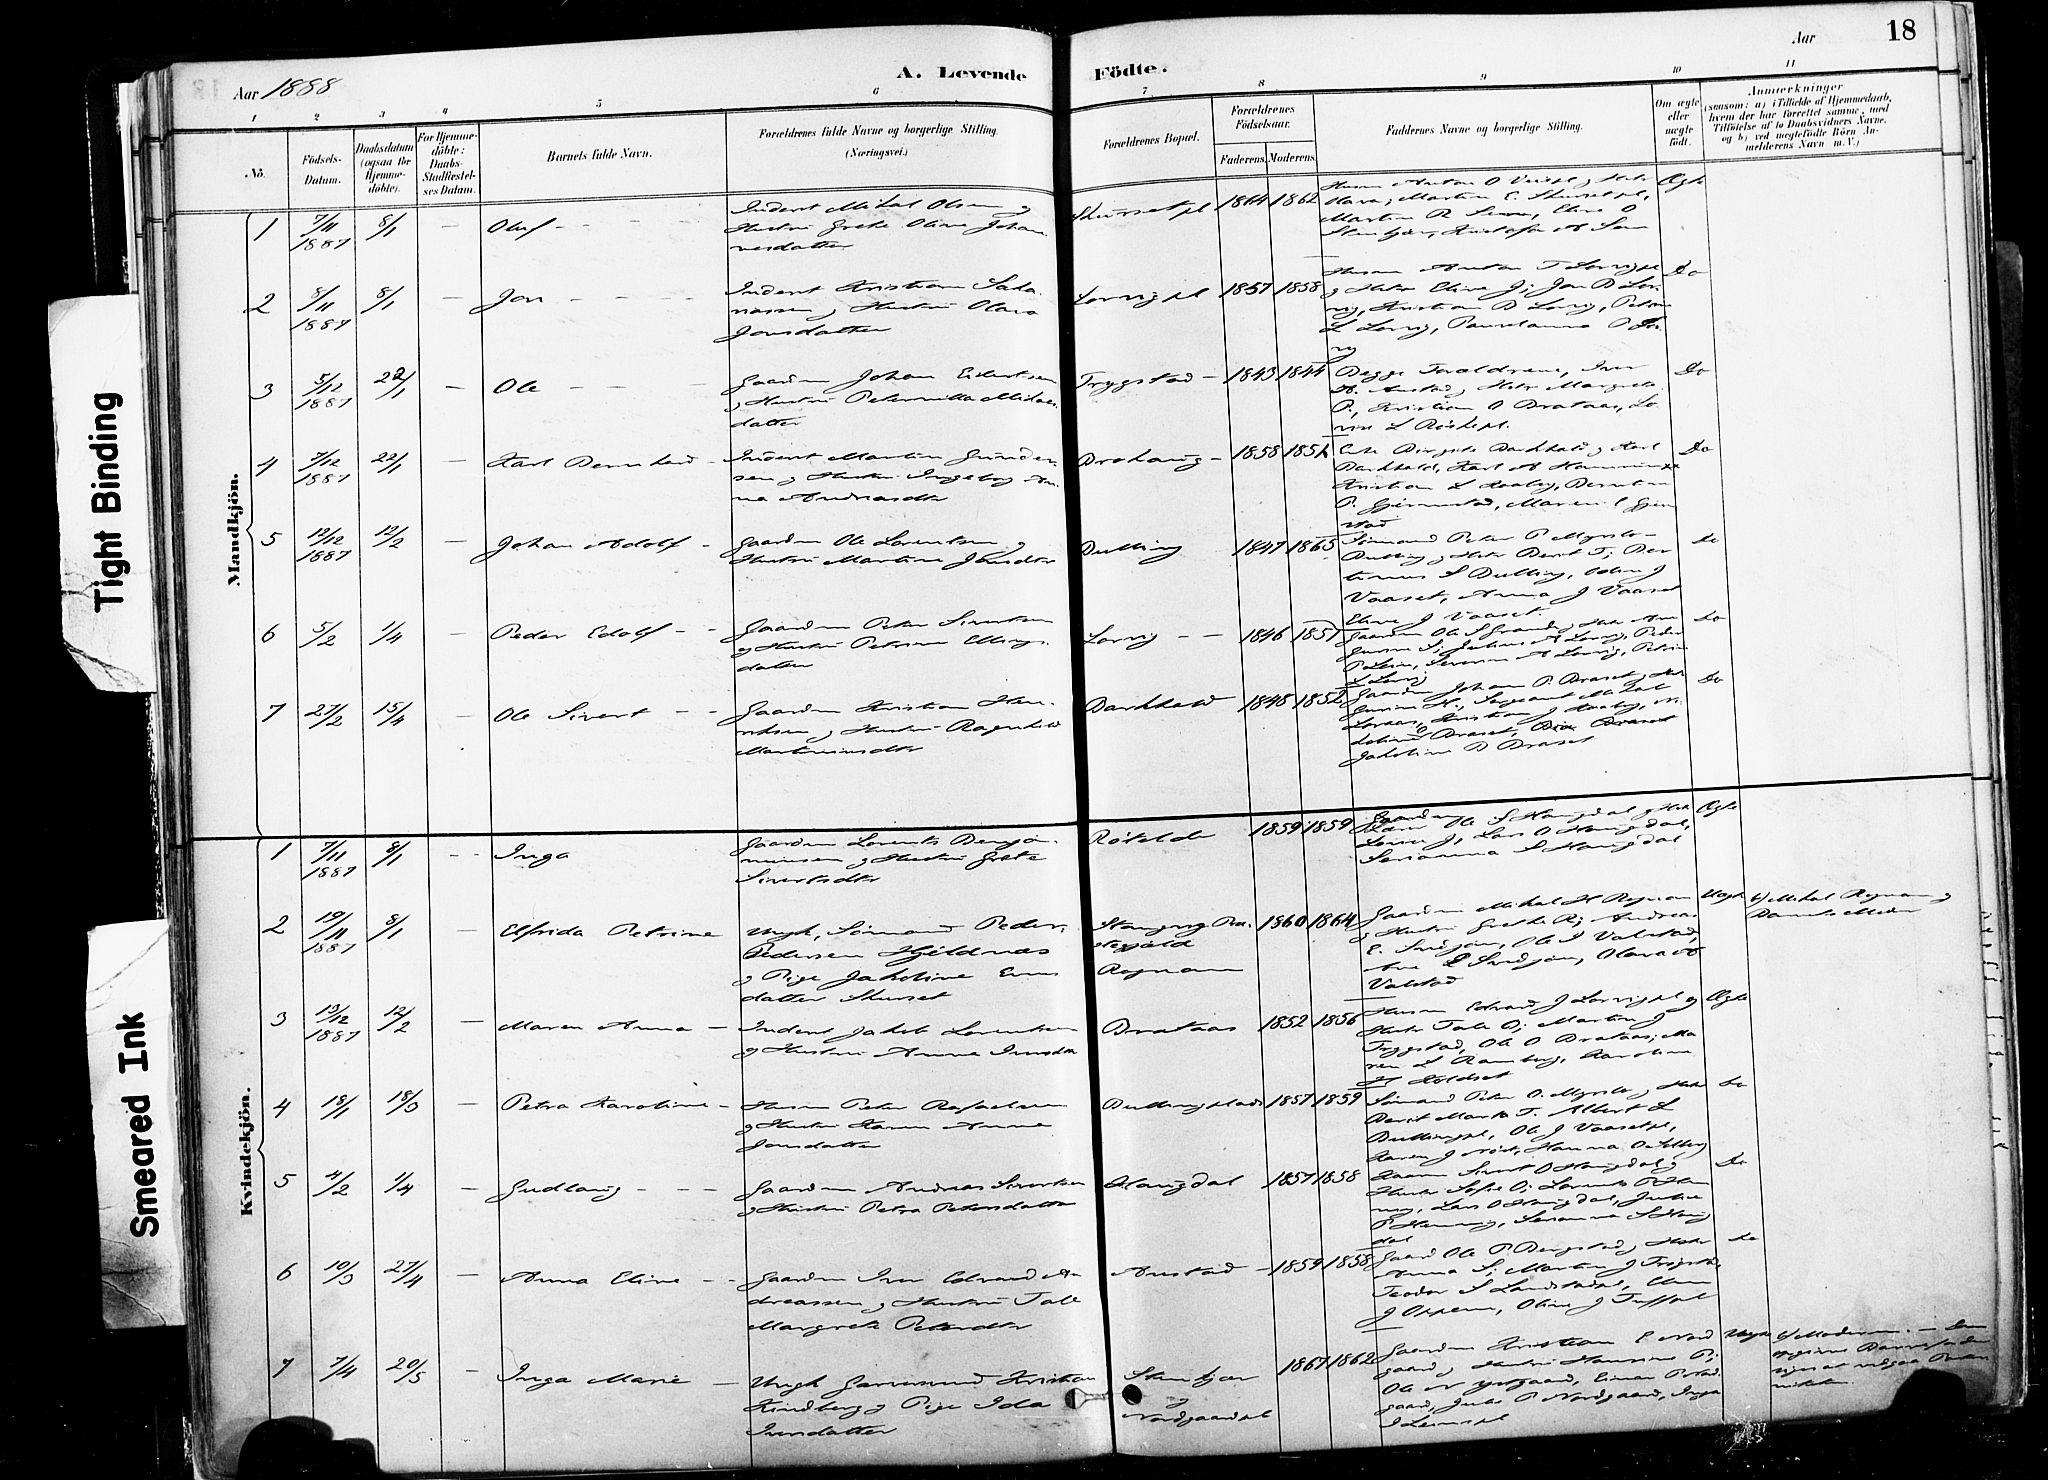 SAT, Ministerialprotokoller, klokkerbøker og fødselsregistre - Nord-Trøndelag, 735/L0351: Ministerialbok nr. 735A10, 1884-1908, s. 18